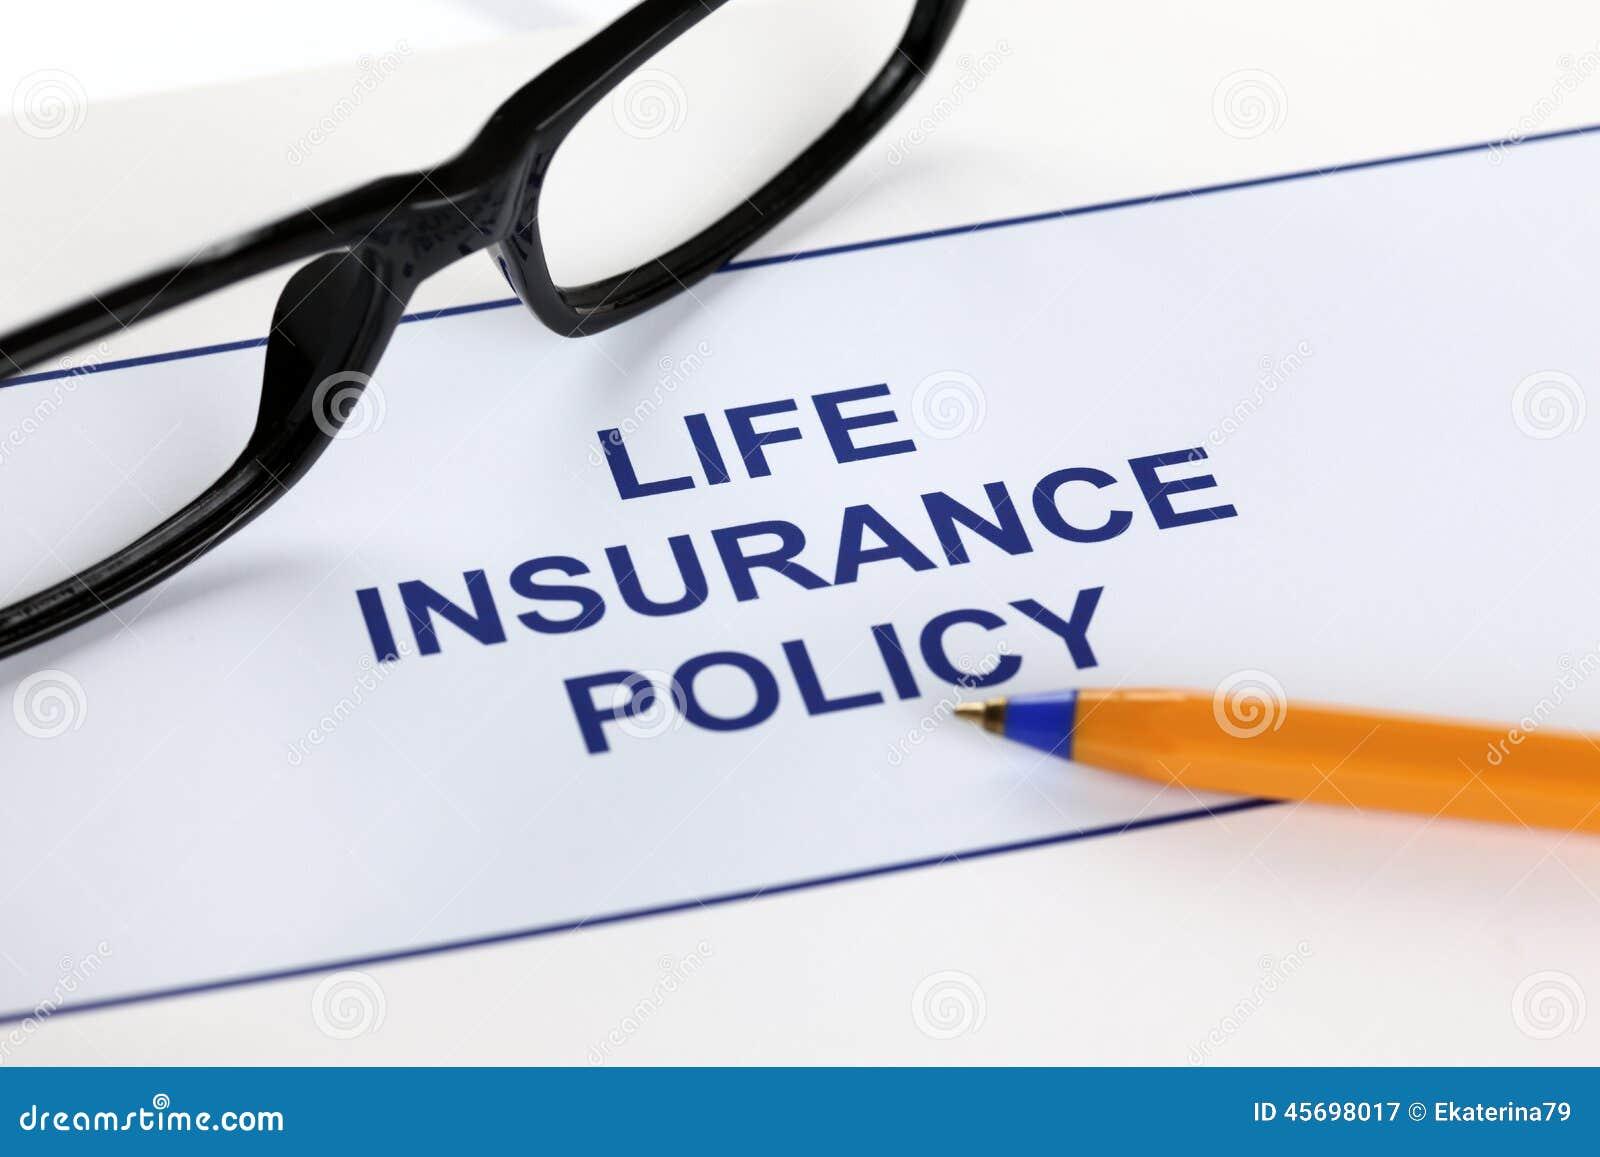 life-insurance-policy-glasses-ballpoint-pen-45698017.jpg